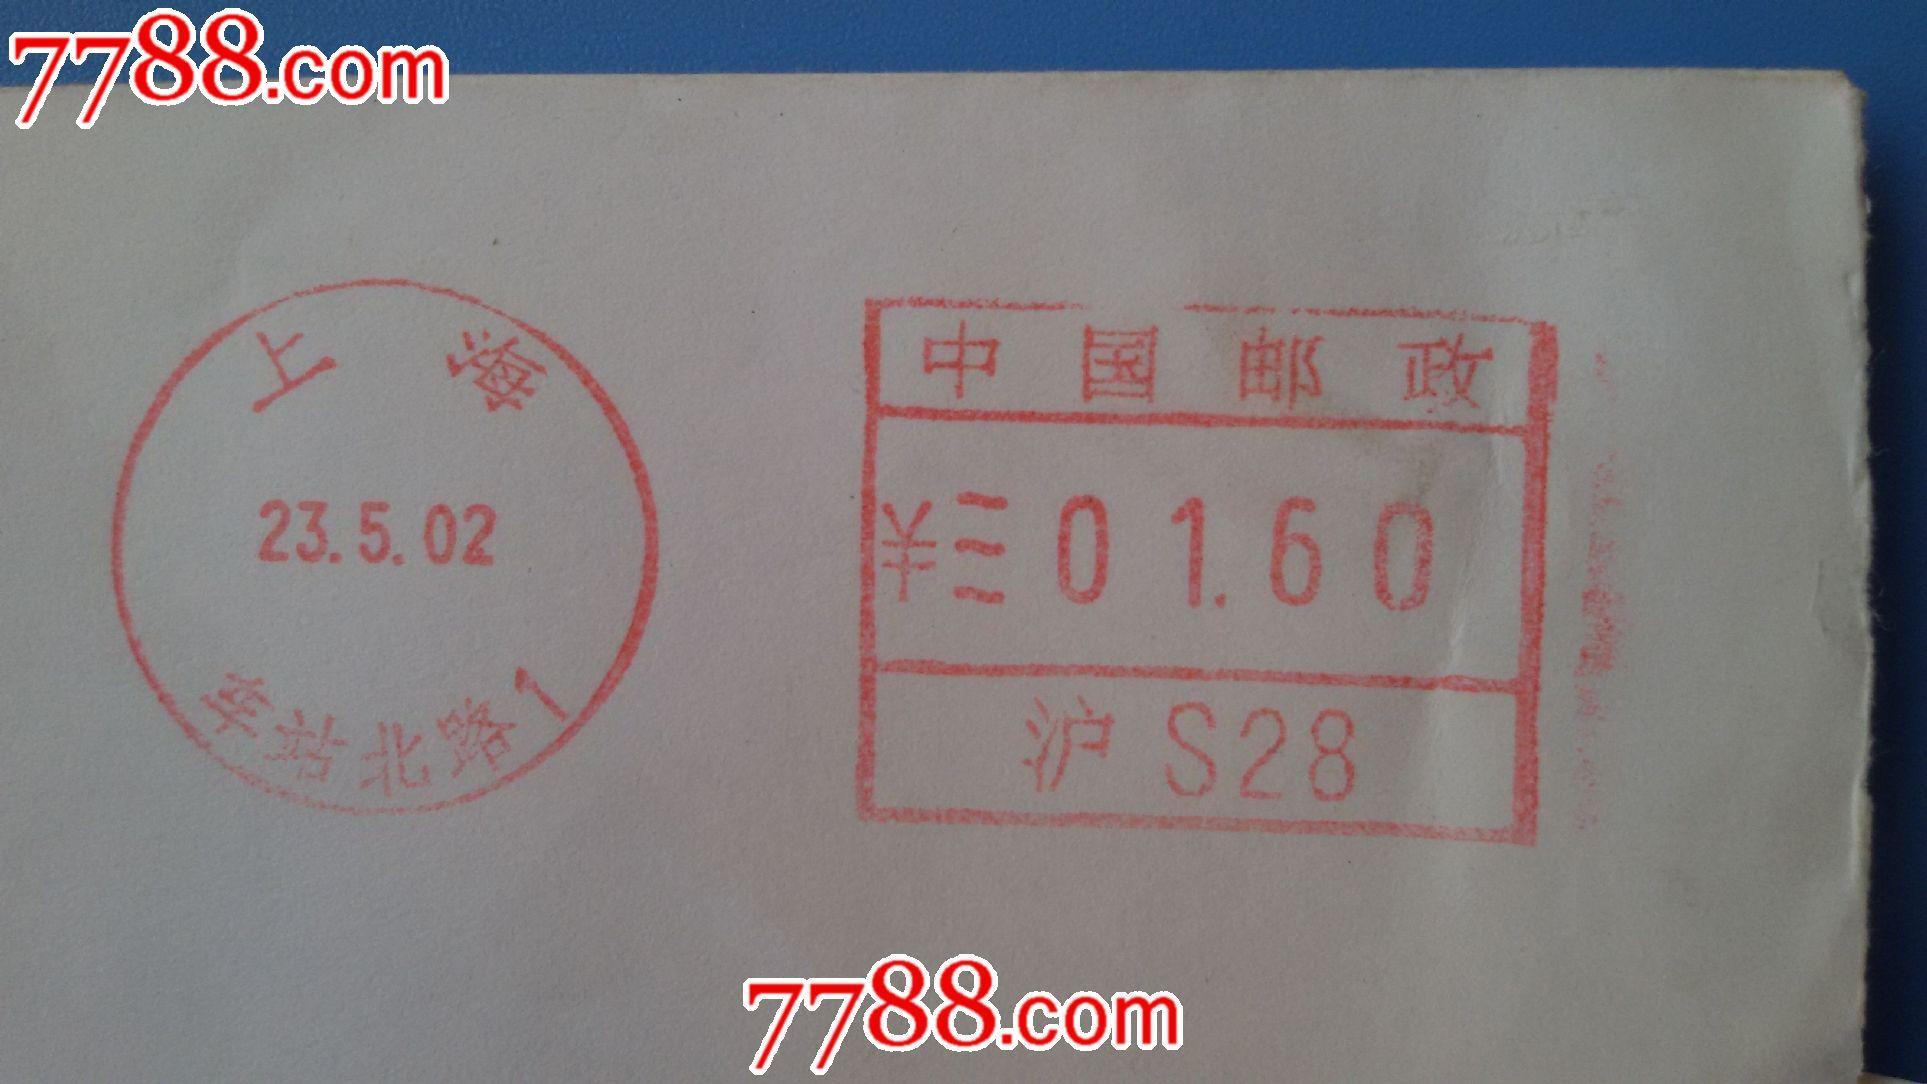 上海嘉涵邮中�_2002年上海邮吉林信封(机盖方圆邮戳)